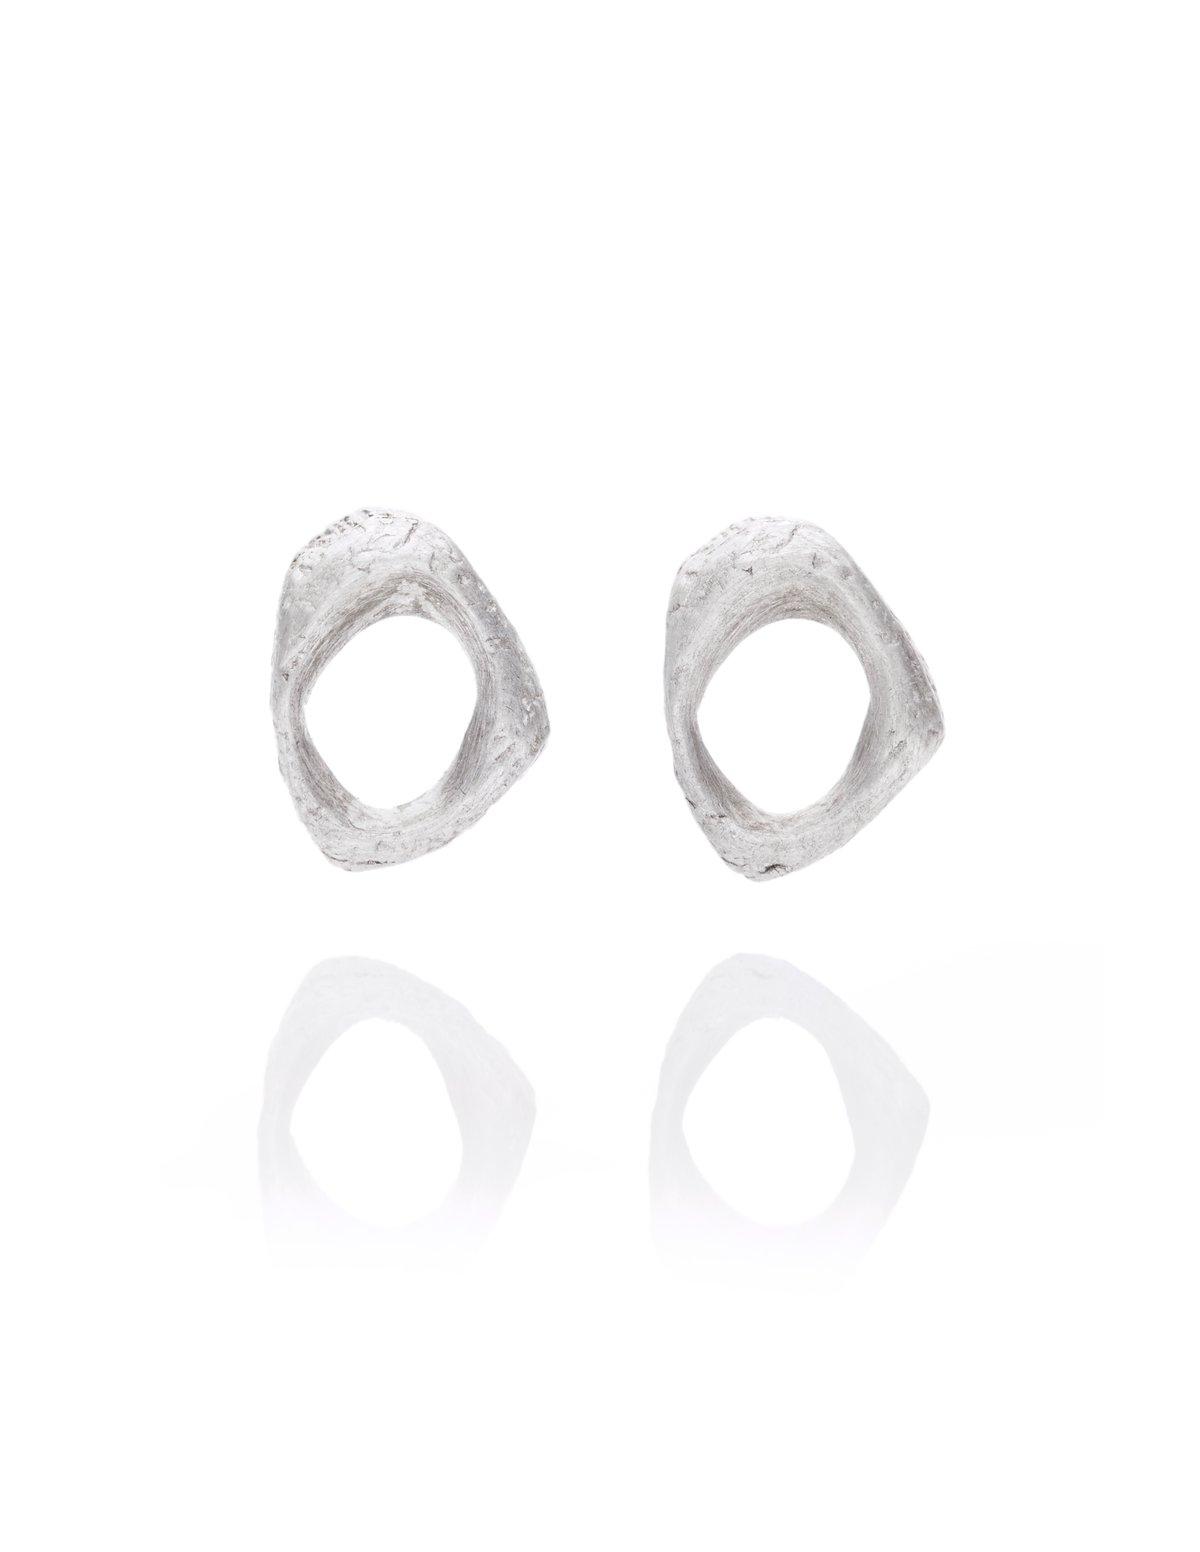 Texture stud earrings